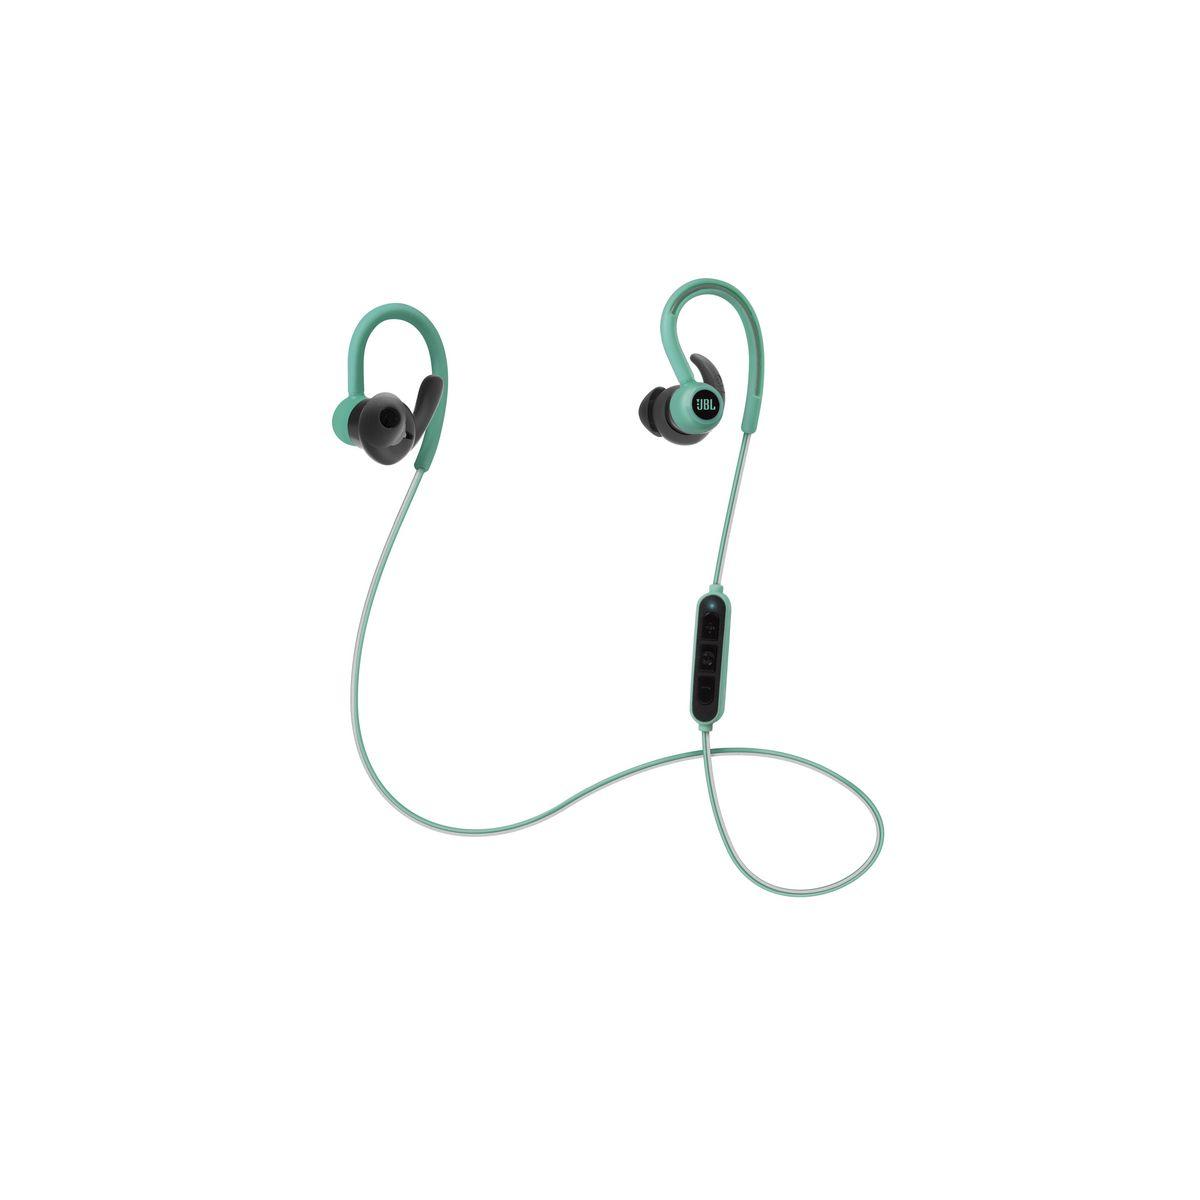 Reflect contour - Vert et noir - Ecouteurs